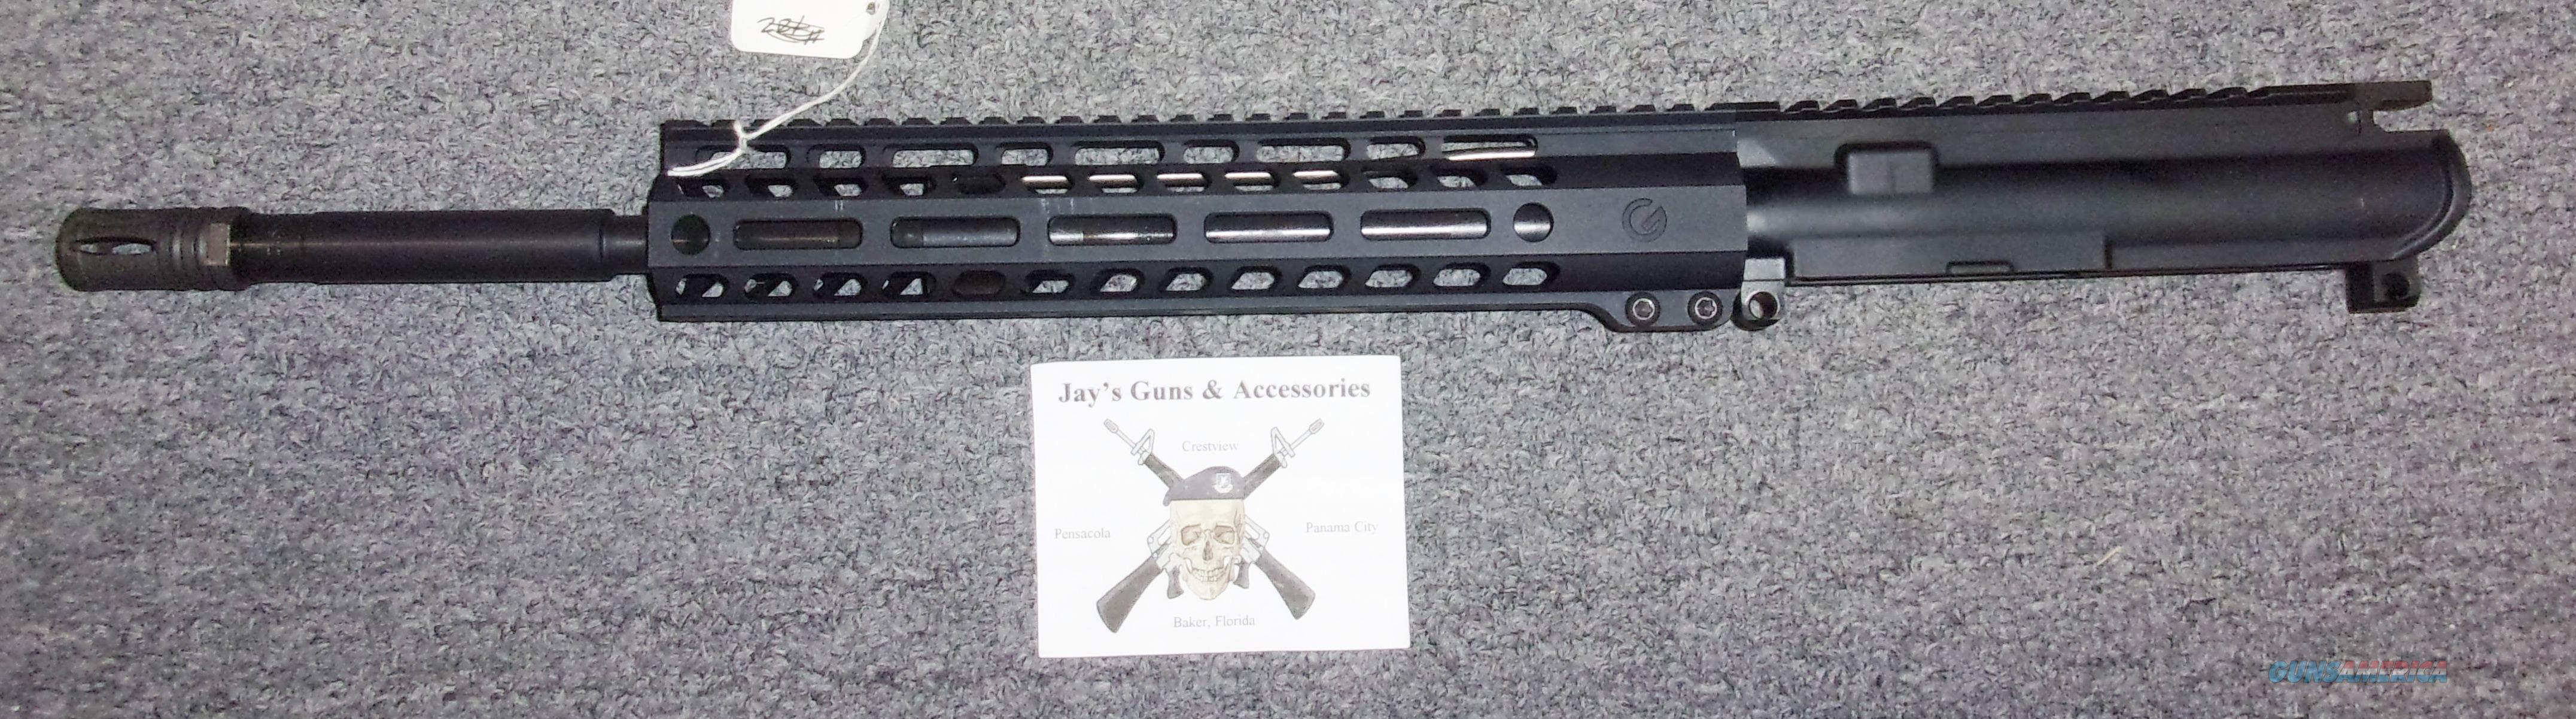 """16"""" Upper Receiver in 5.56mm  Non-Guns > Gun Parts > M16-AR15 > Upper Only"""